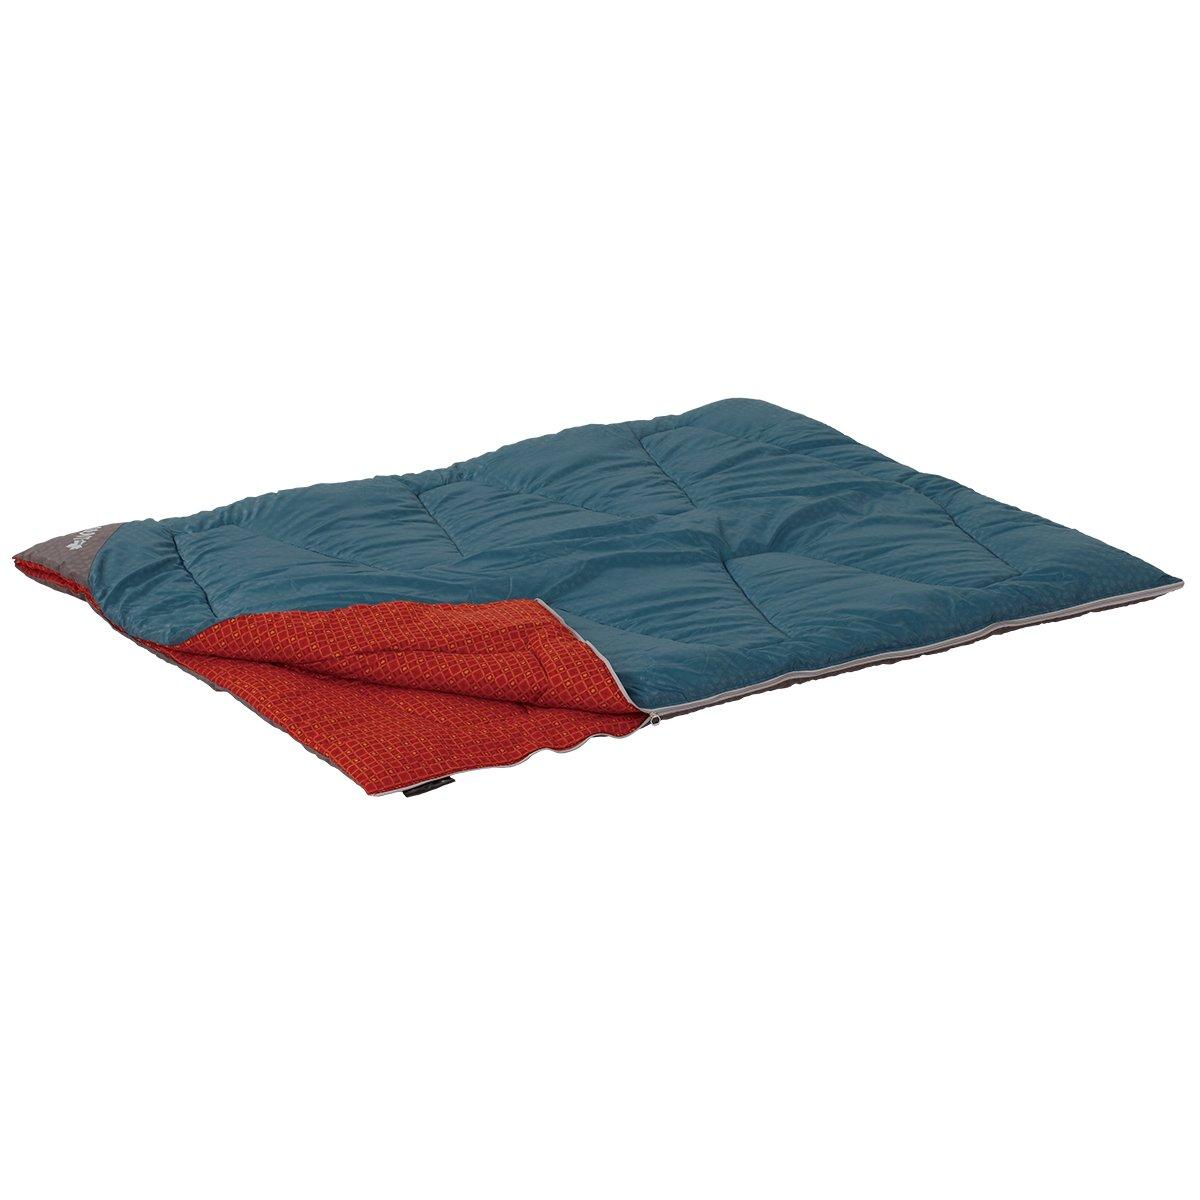 ロゴス 寝袋 ミニバンぴったり寝袋-2(冬用)[最低使用温度-2度] 72600240 B0062QV5W8